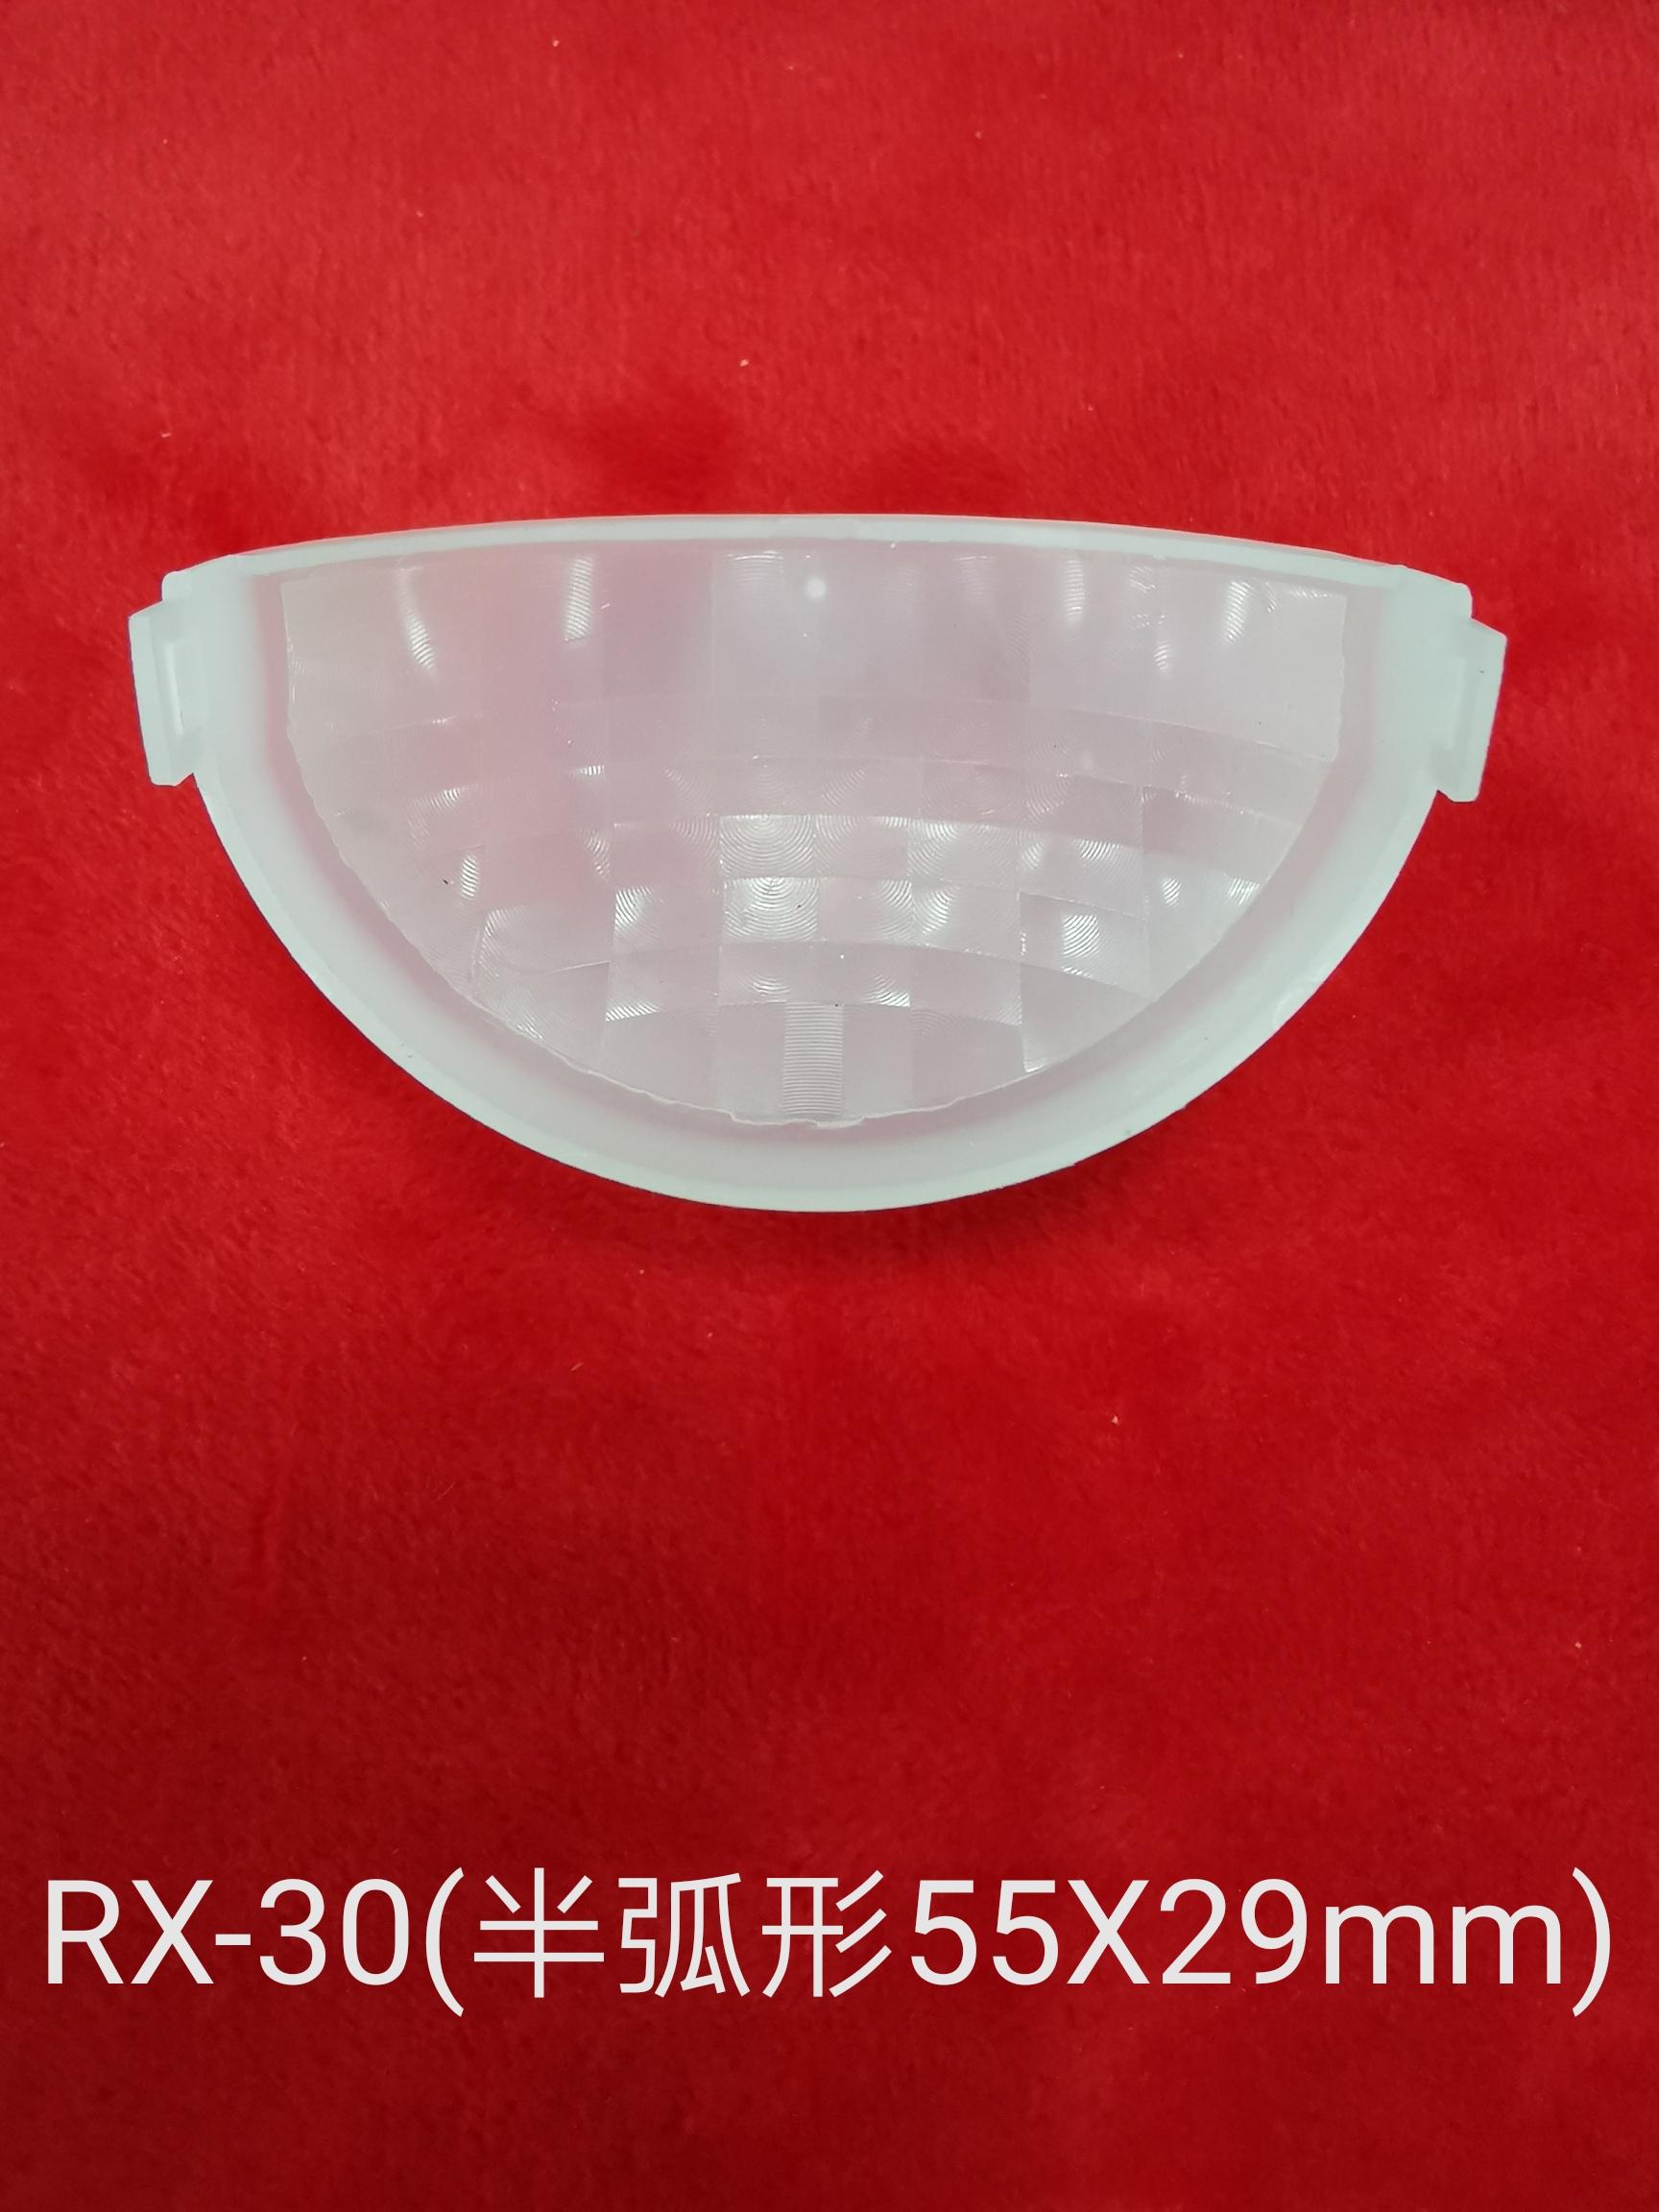 菲涅尔透镜(球形)RX-30